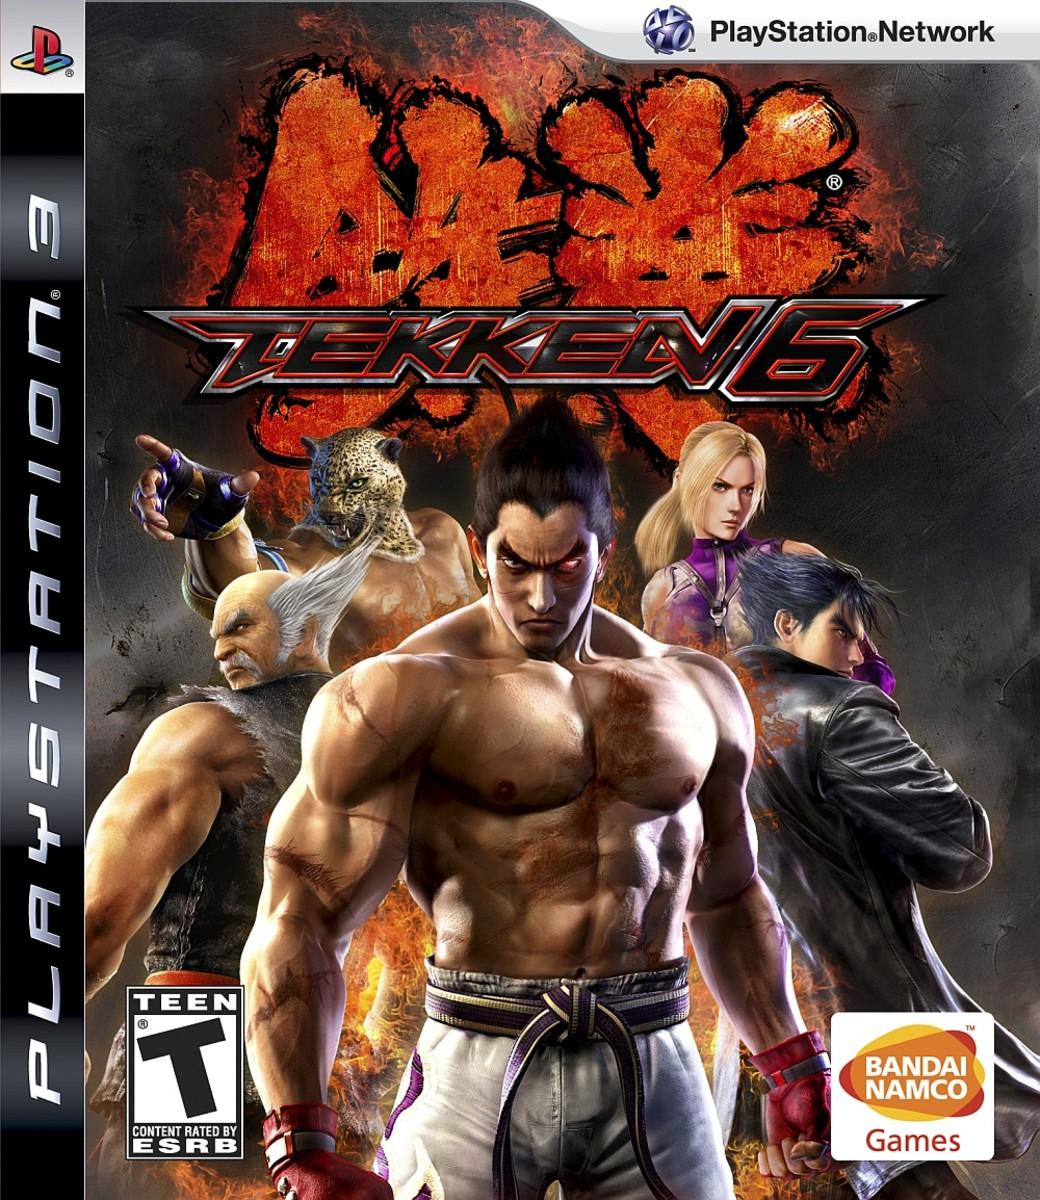 Tekken 6 cover for the PS3